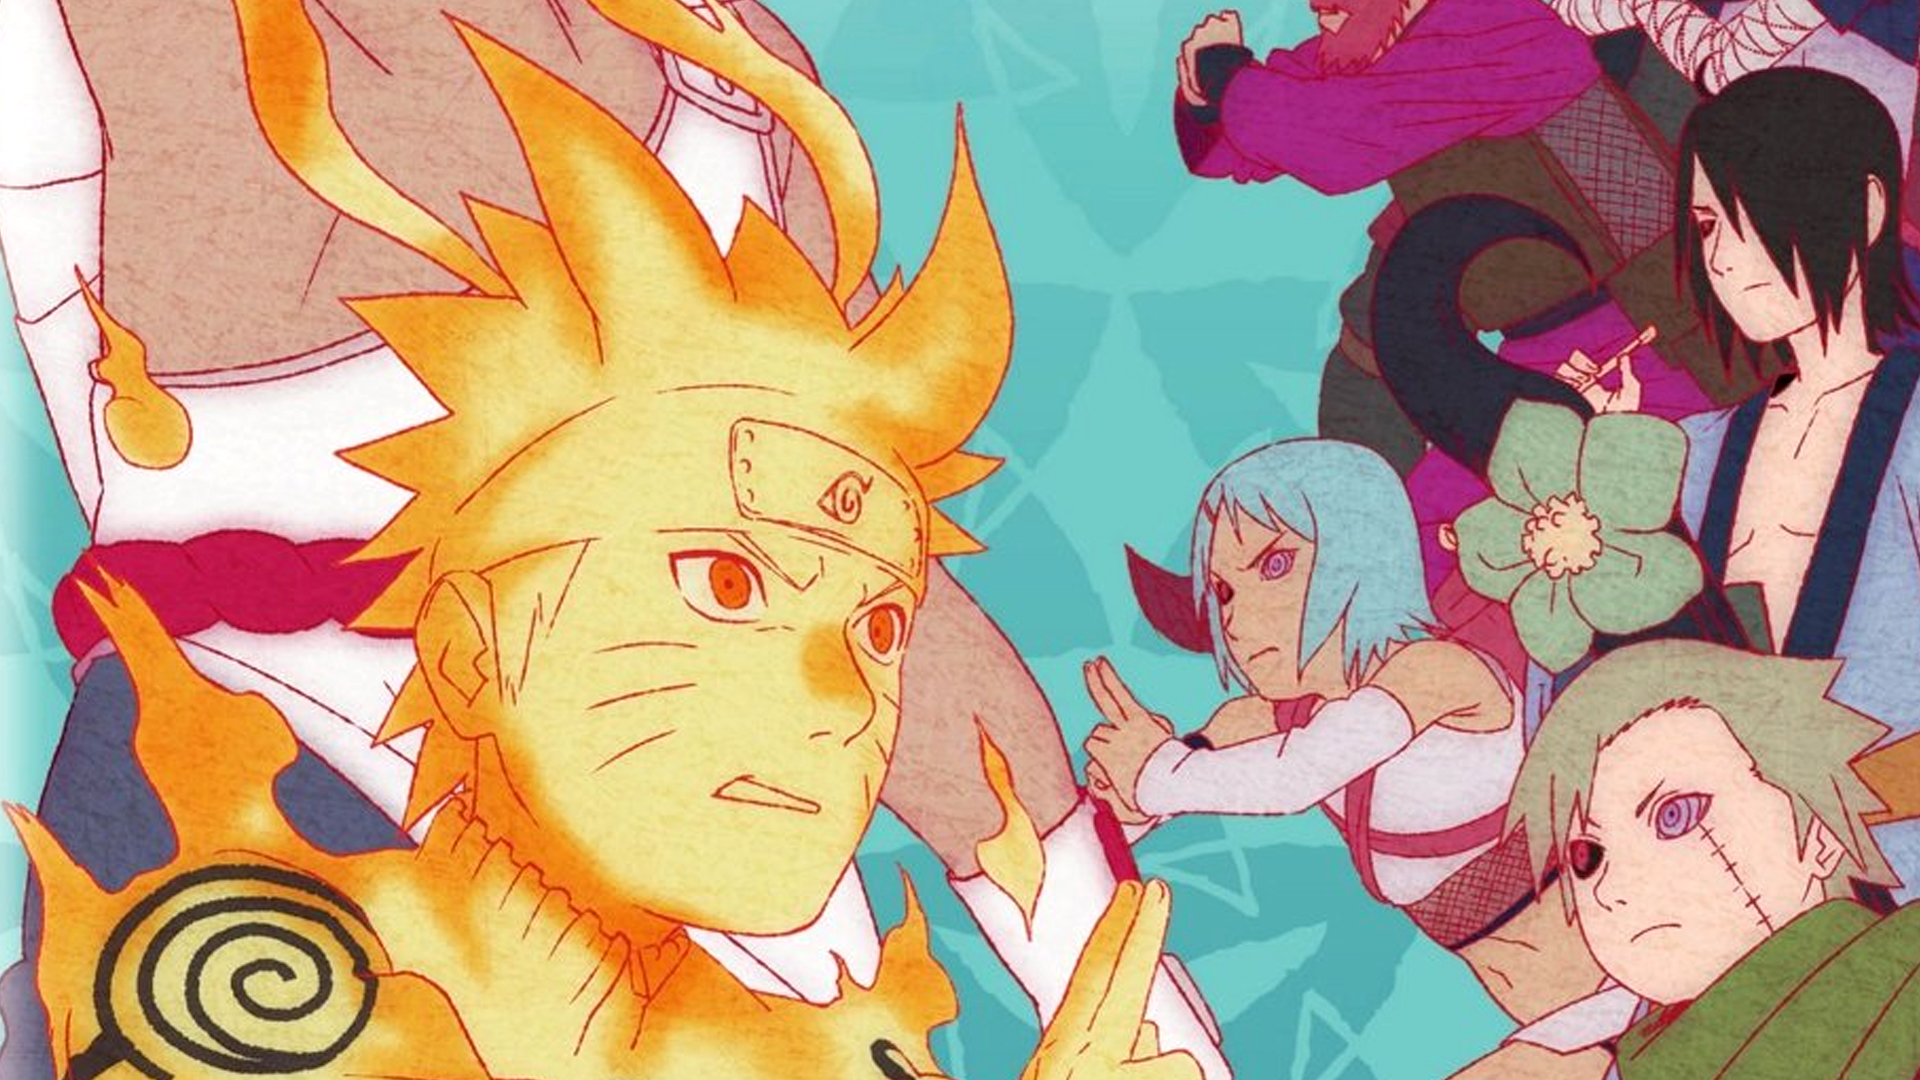 Naruto Shippuden Uncut Set 26 DVD Cover Artwork. ©Rumiko Takahashi / Shogakukan